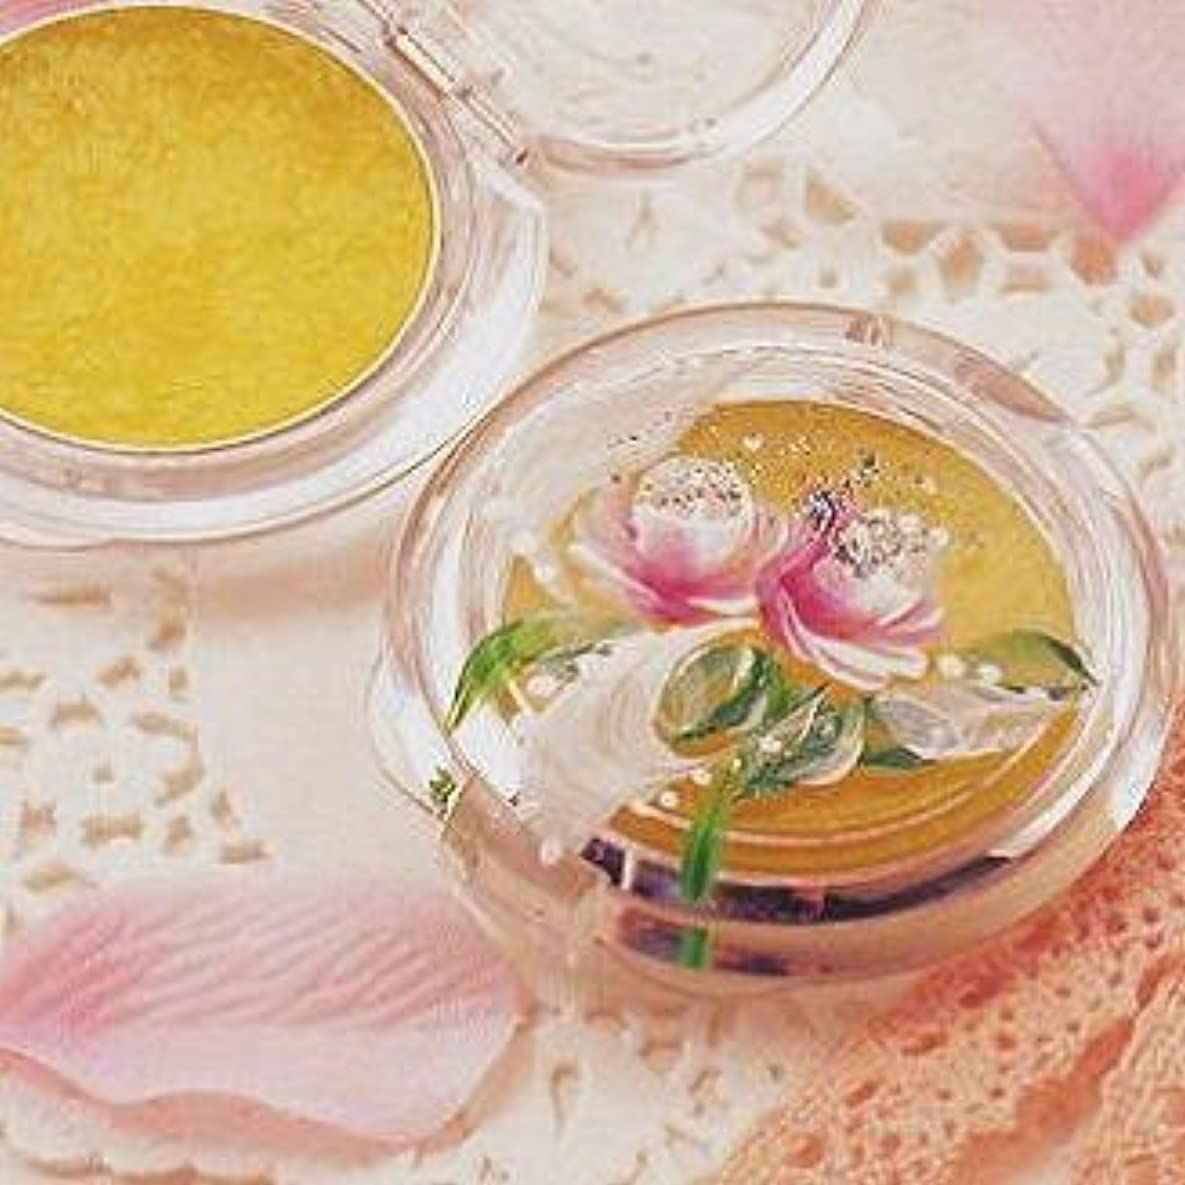 引っ張るタバコハード本物のバラの香水 天然香料100% 合成香料無添加 ダマスクローズ (練り香水3g)